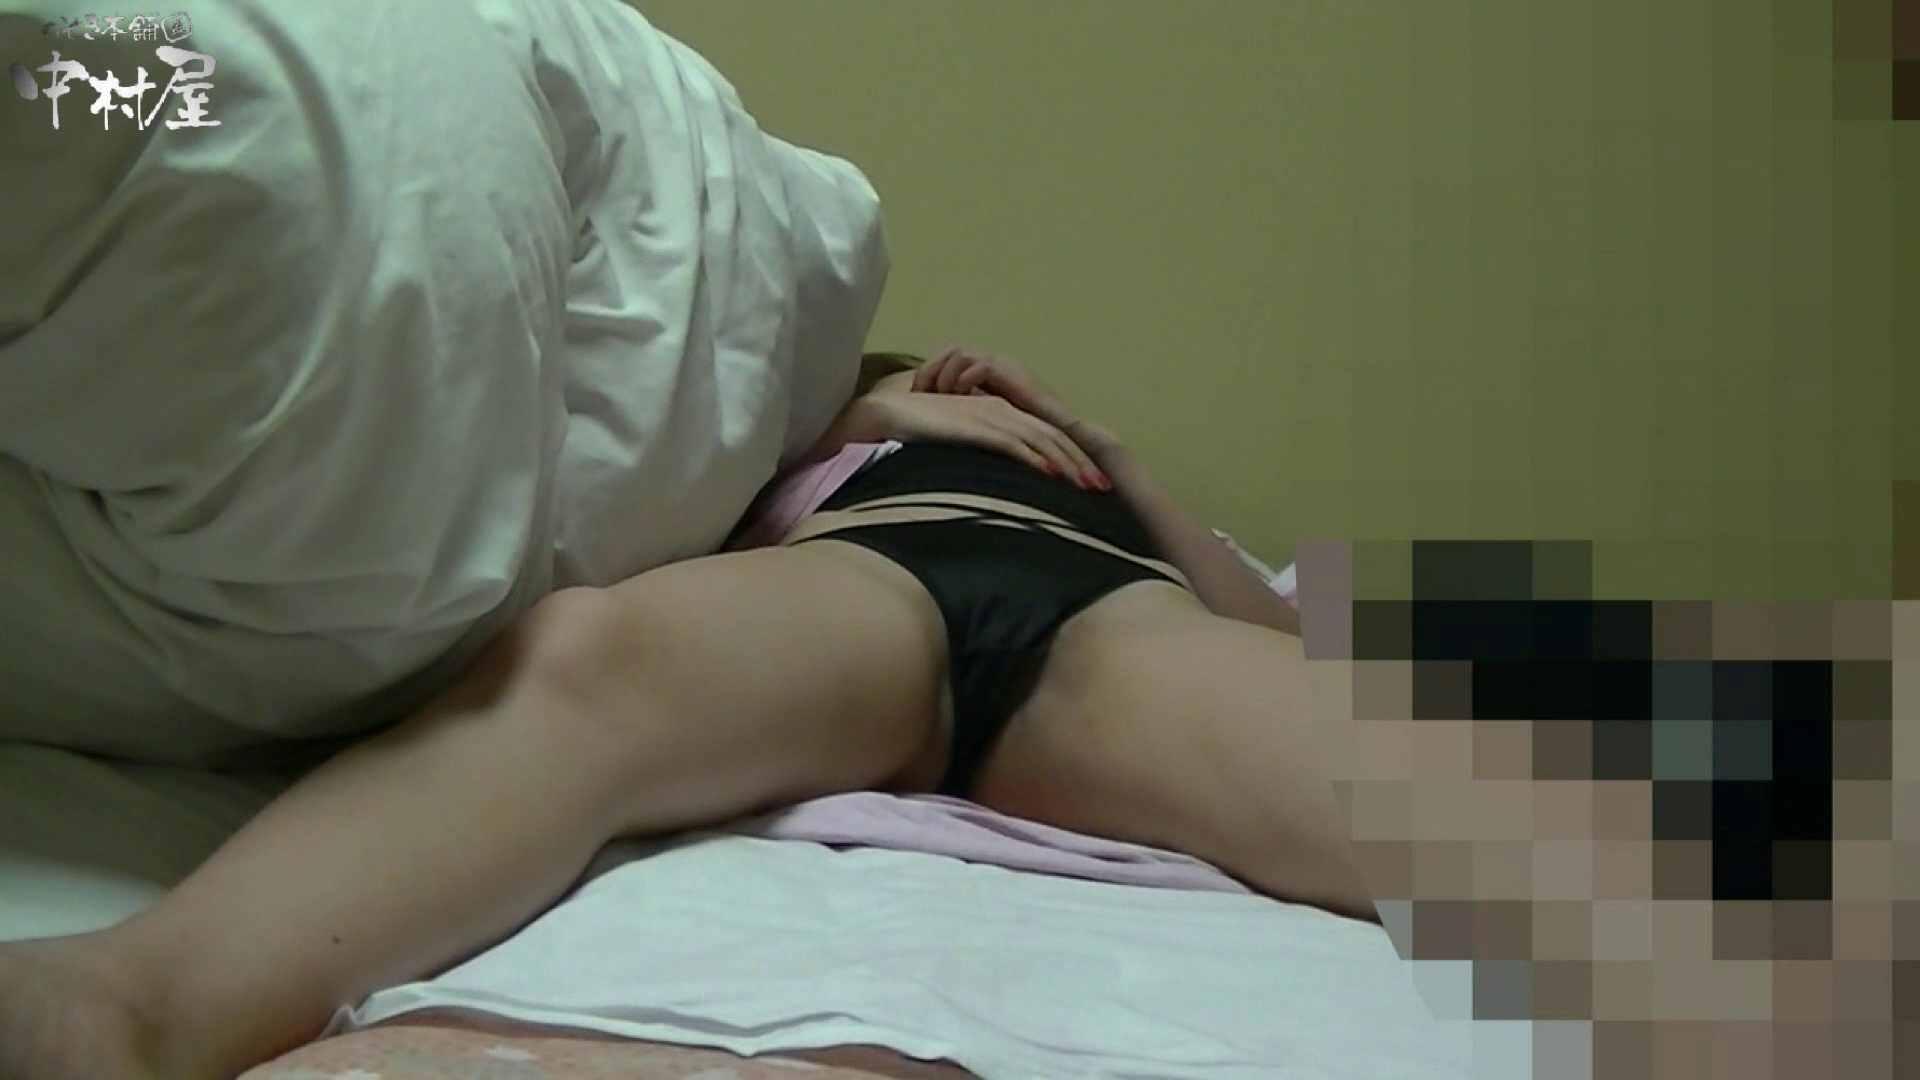 ネムリ姫 vol.16 女性トイレ オマンコ無修正動画無料 99pic 51